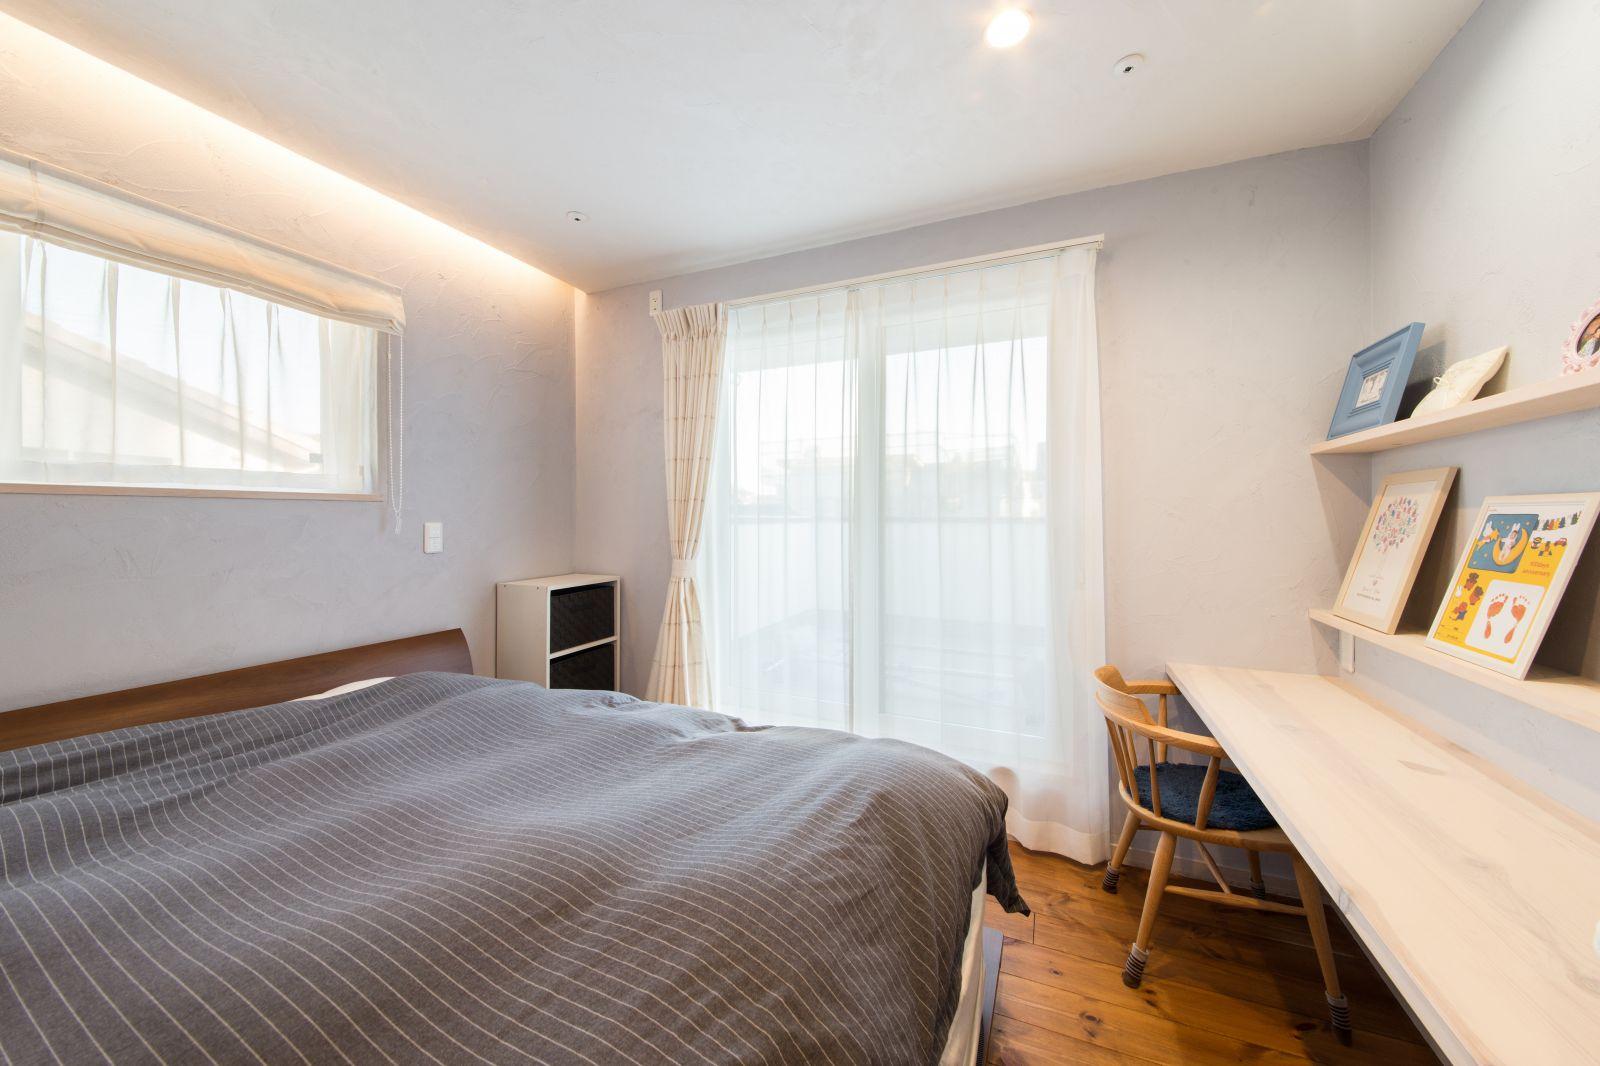 ブルーグレー色の漆喰仕上げの寝室